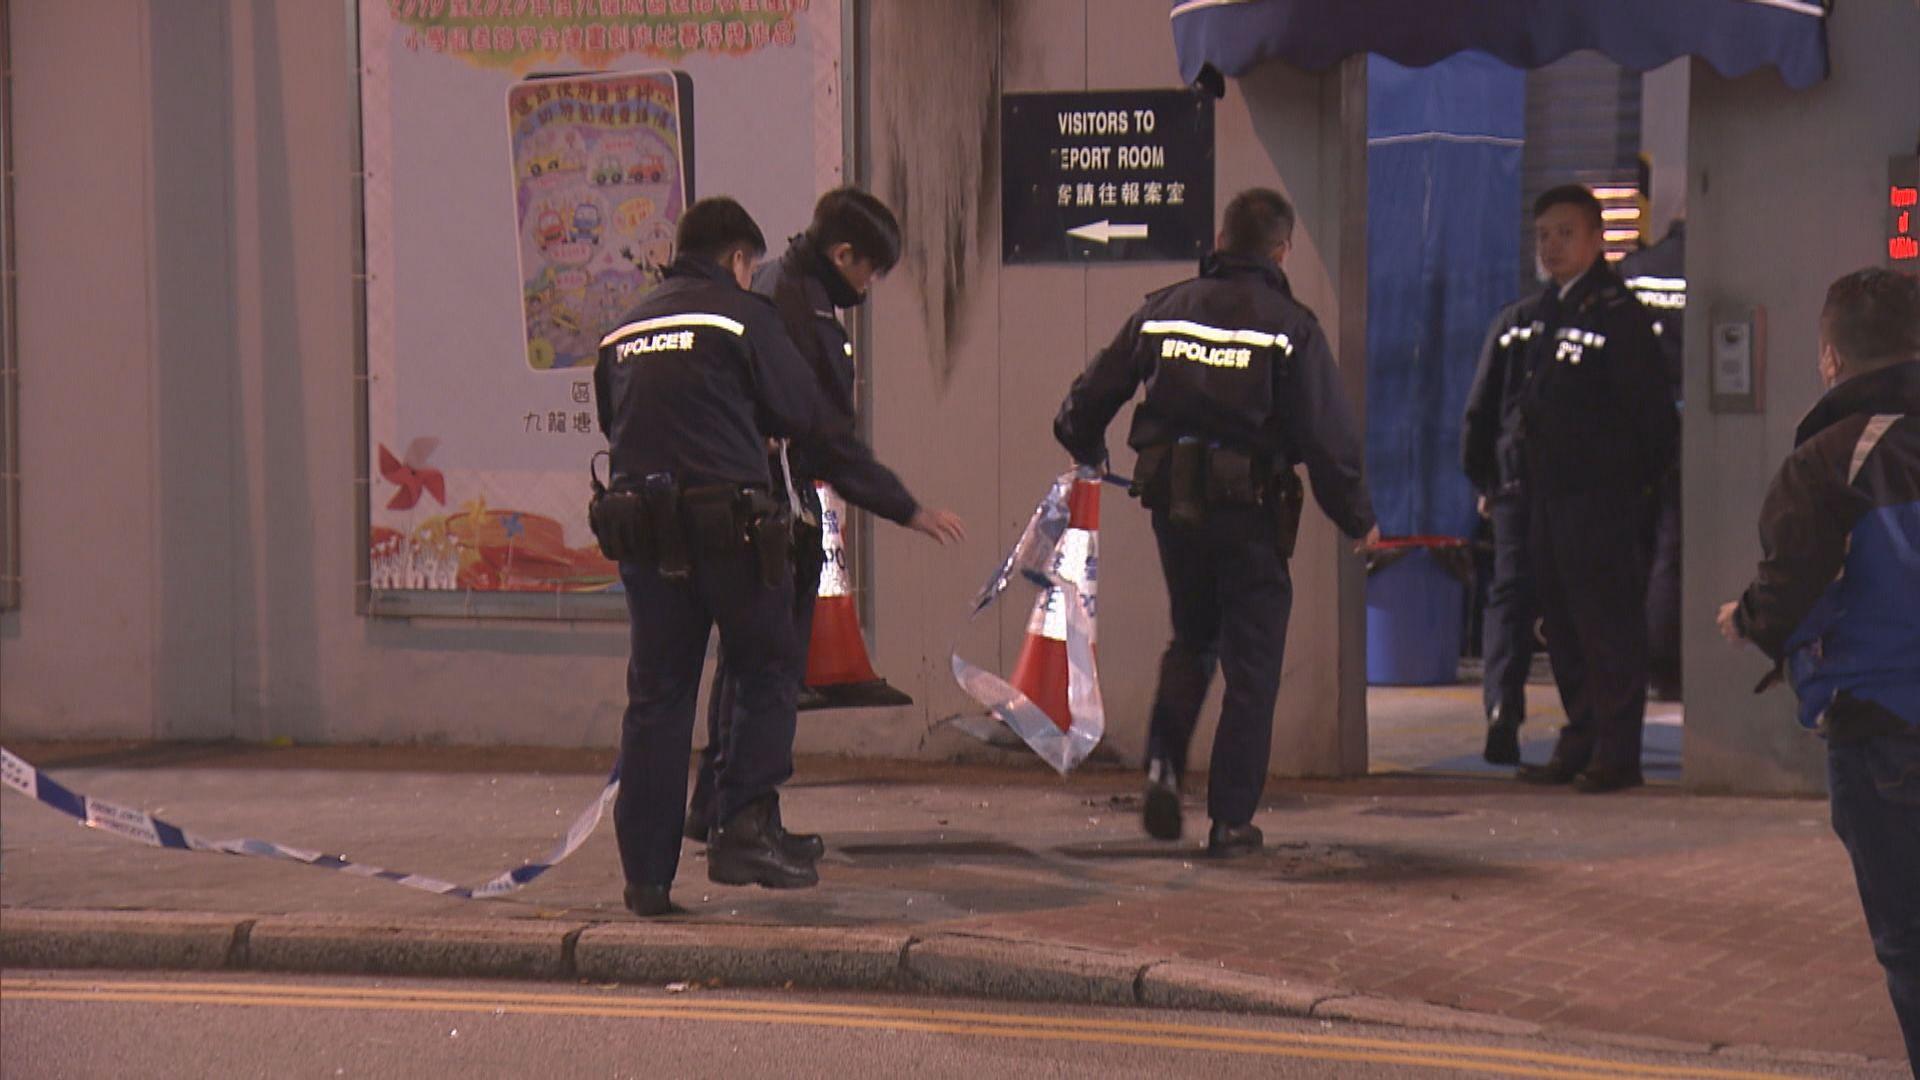 紅磡警署遭三黑衣人投擲汽油彈縱火